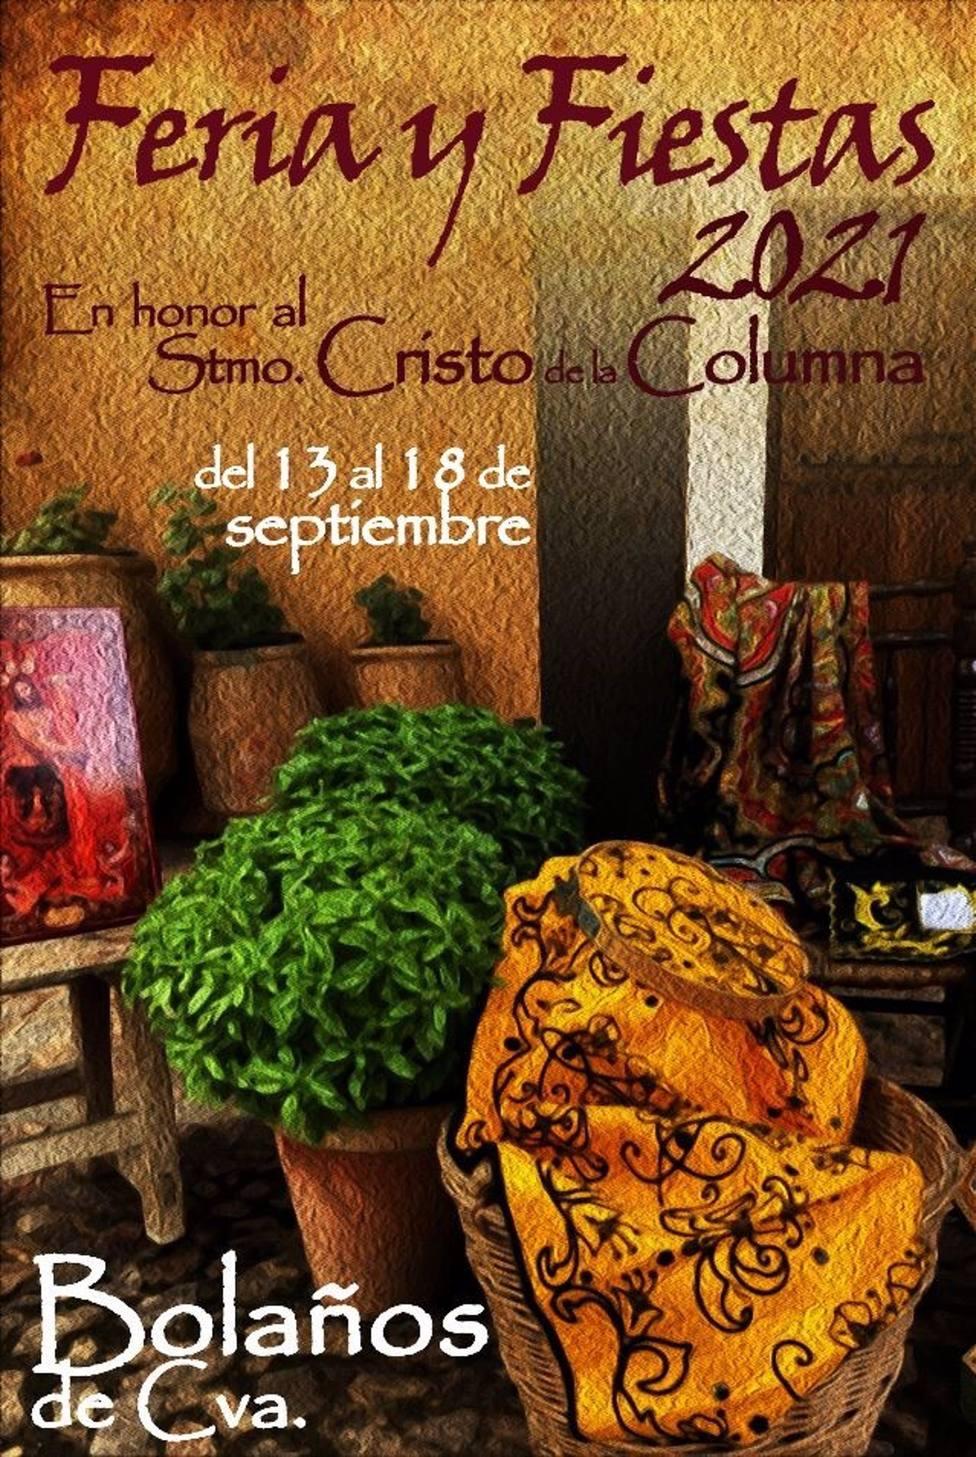 Cartel de XXXIX Certamen Nacional de Pintura y Literatura Castillo de San Fernando de Bolaños